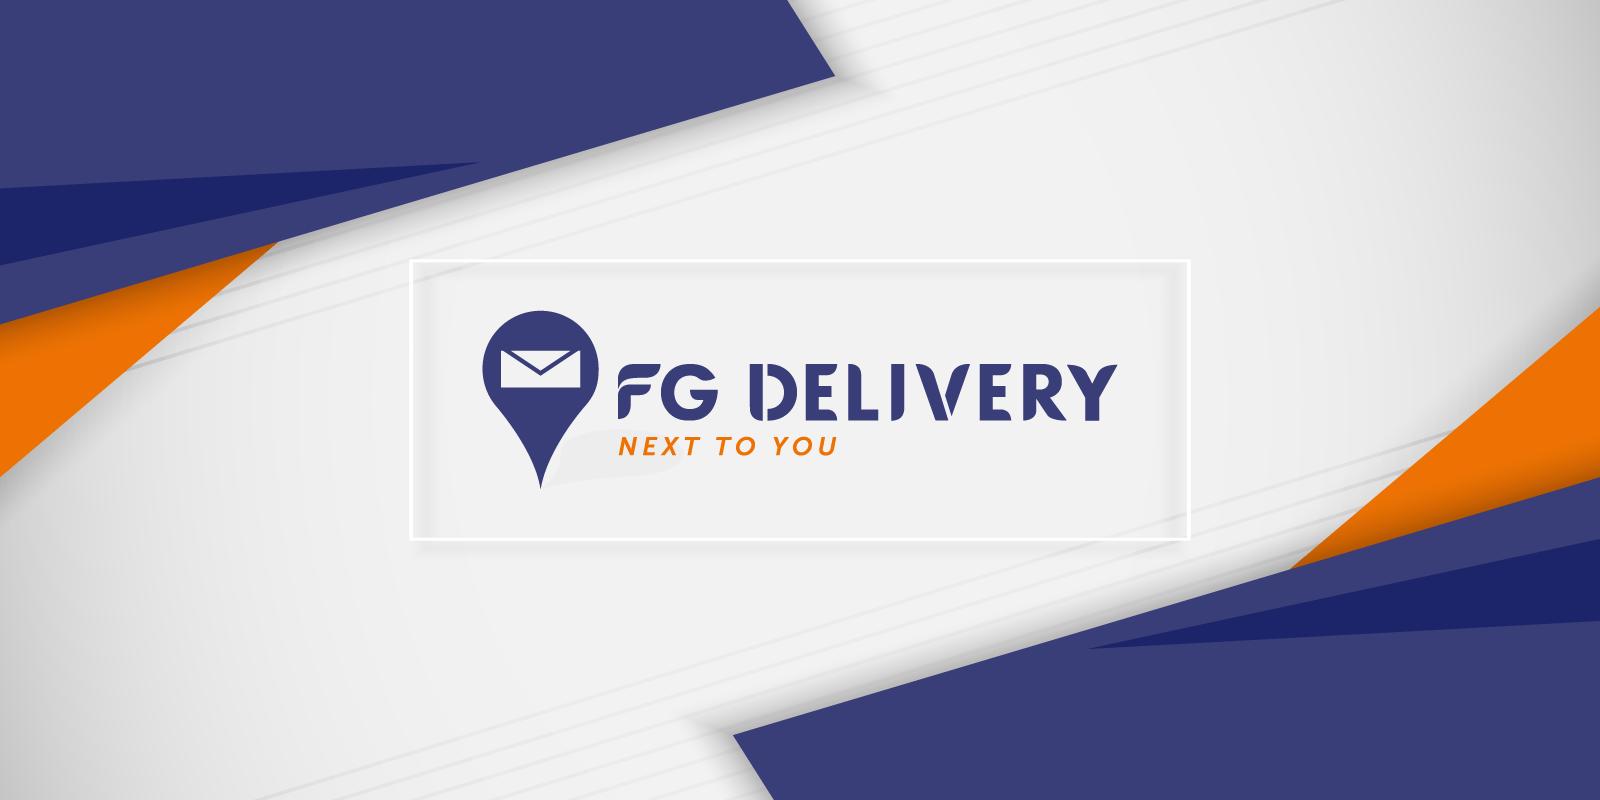 È Nato FG Delivery, Il Nuovo Brand Dedicato Al Servizio Parcel